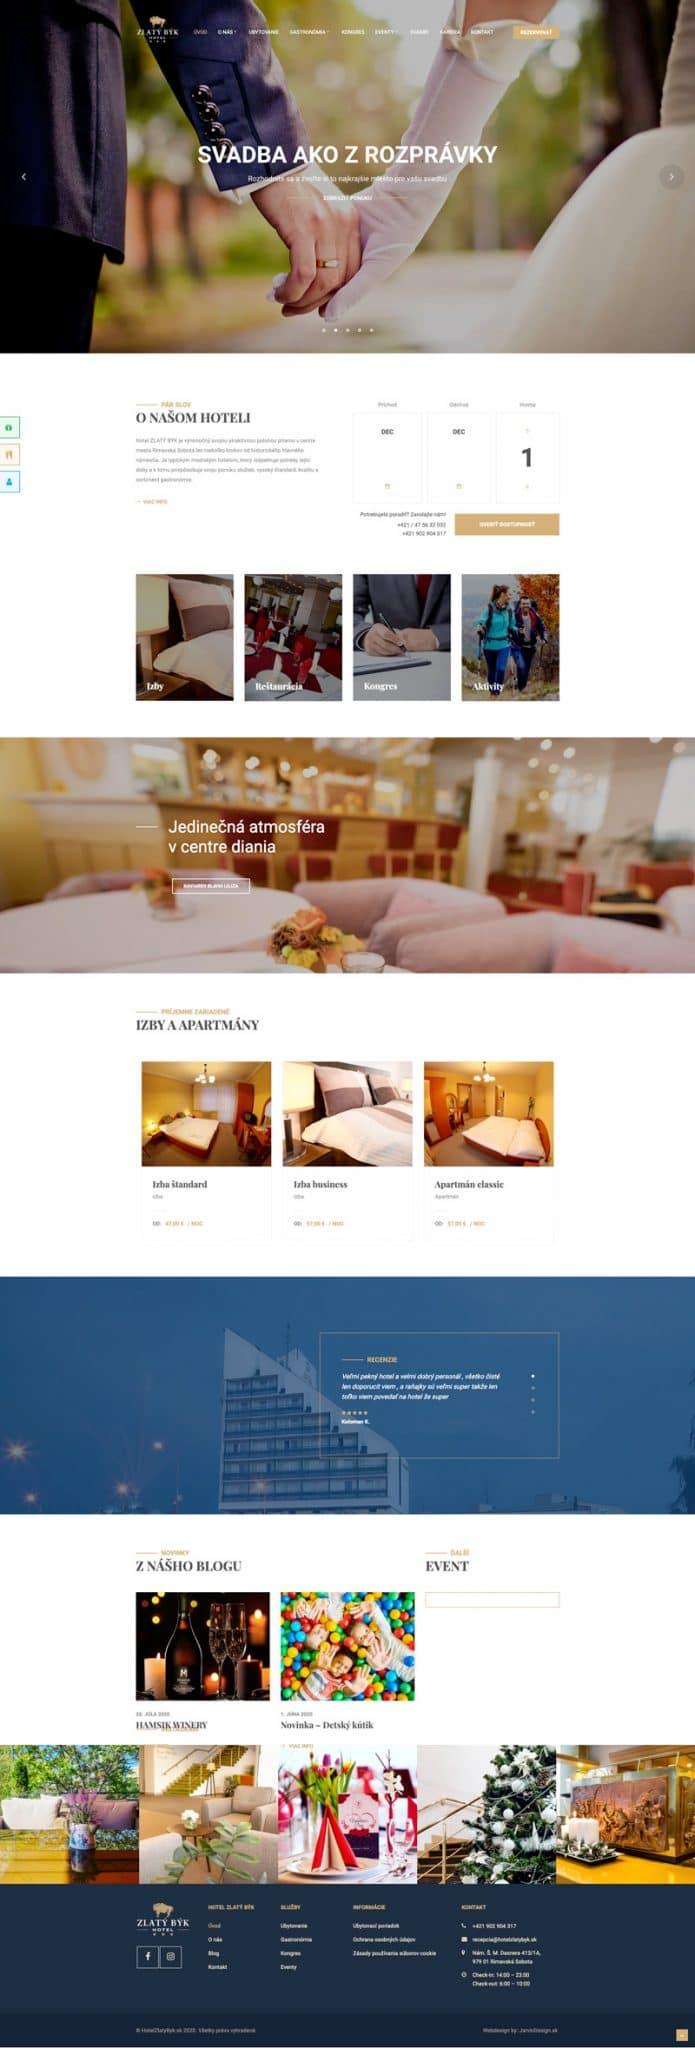 Náhľad celej úvodnej stránky hotela Zlatý býk - JarvinDesign.sk - tvorba web stránok